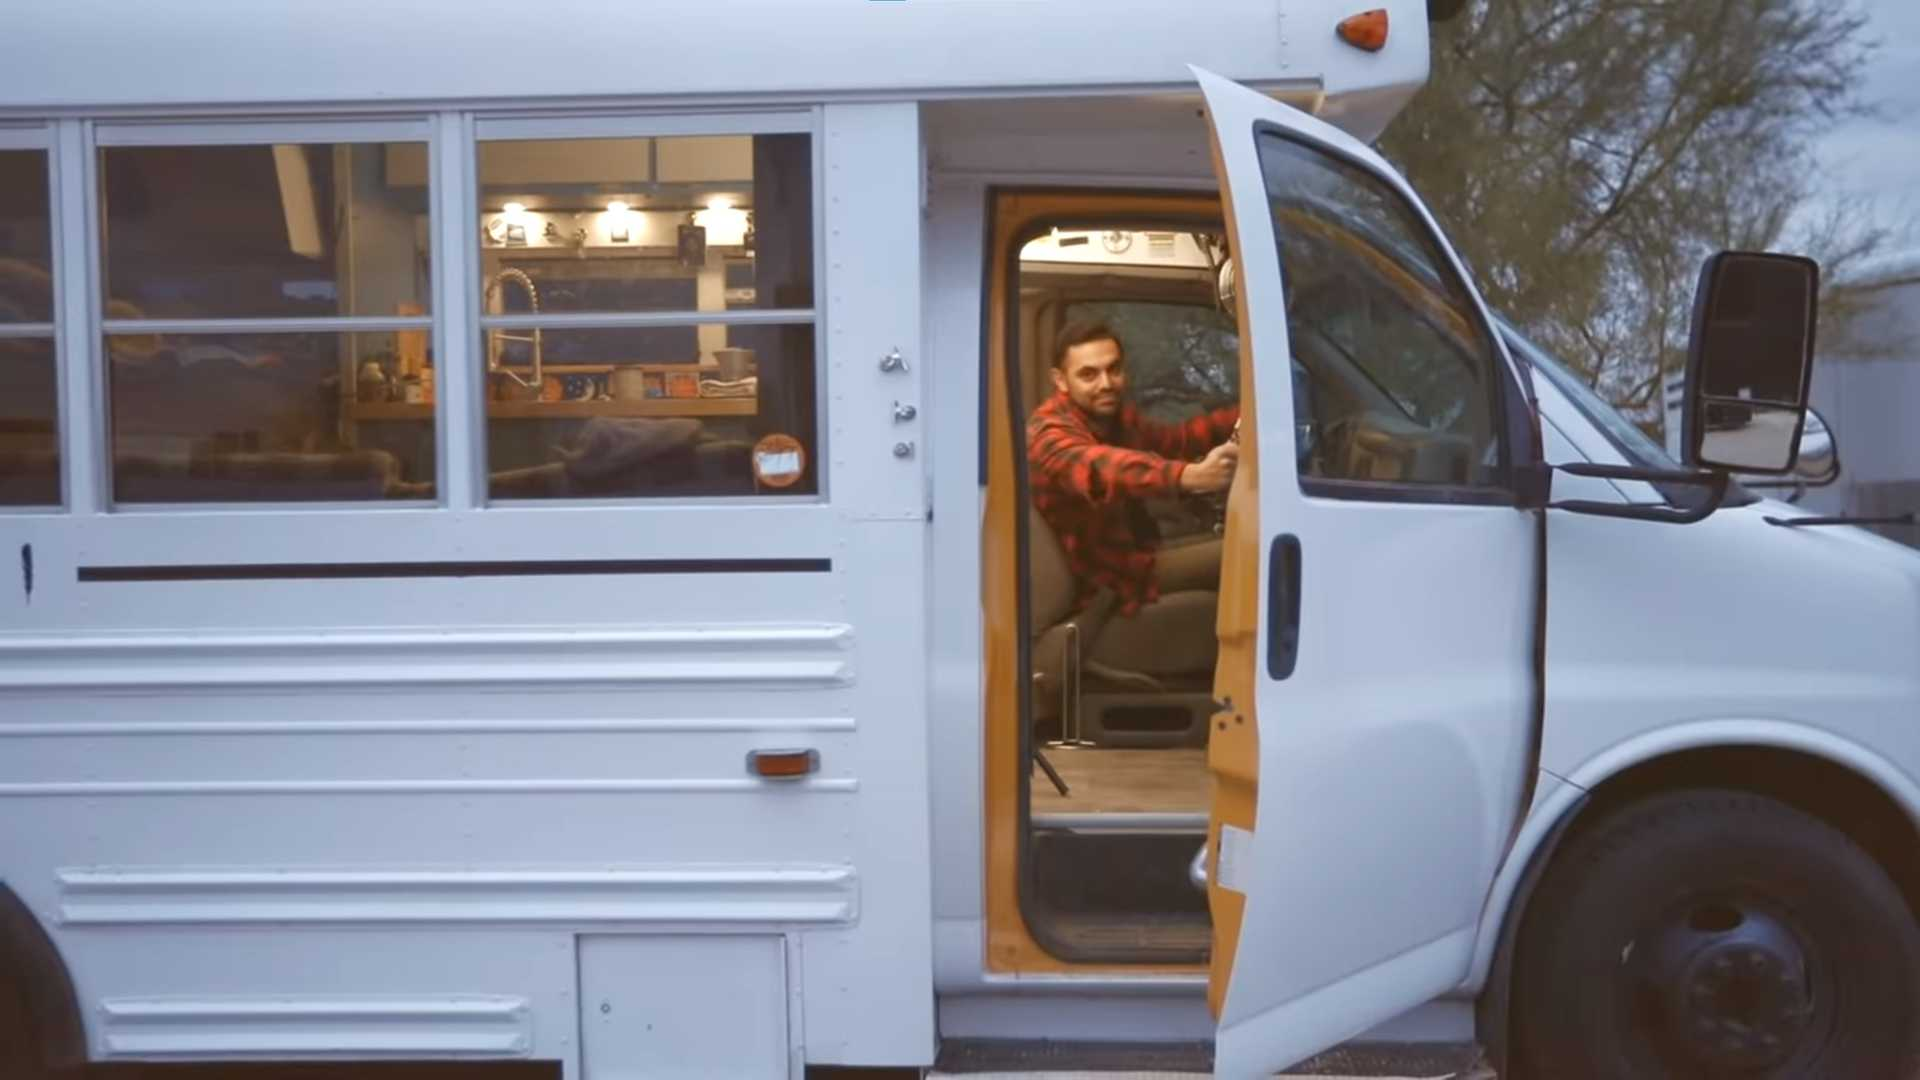 Школьный автобус, переоборудованный в мини-дом, — это дешевый фургон